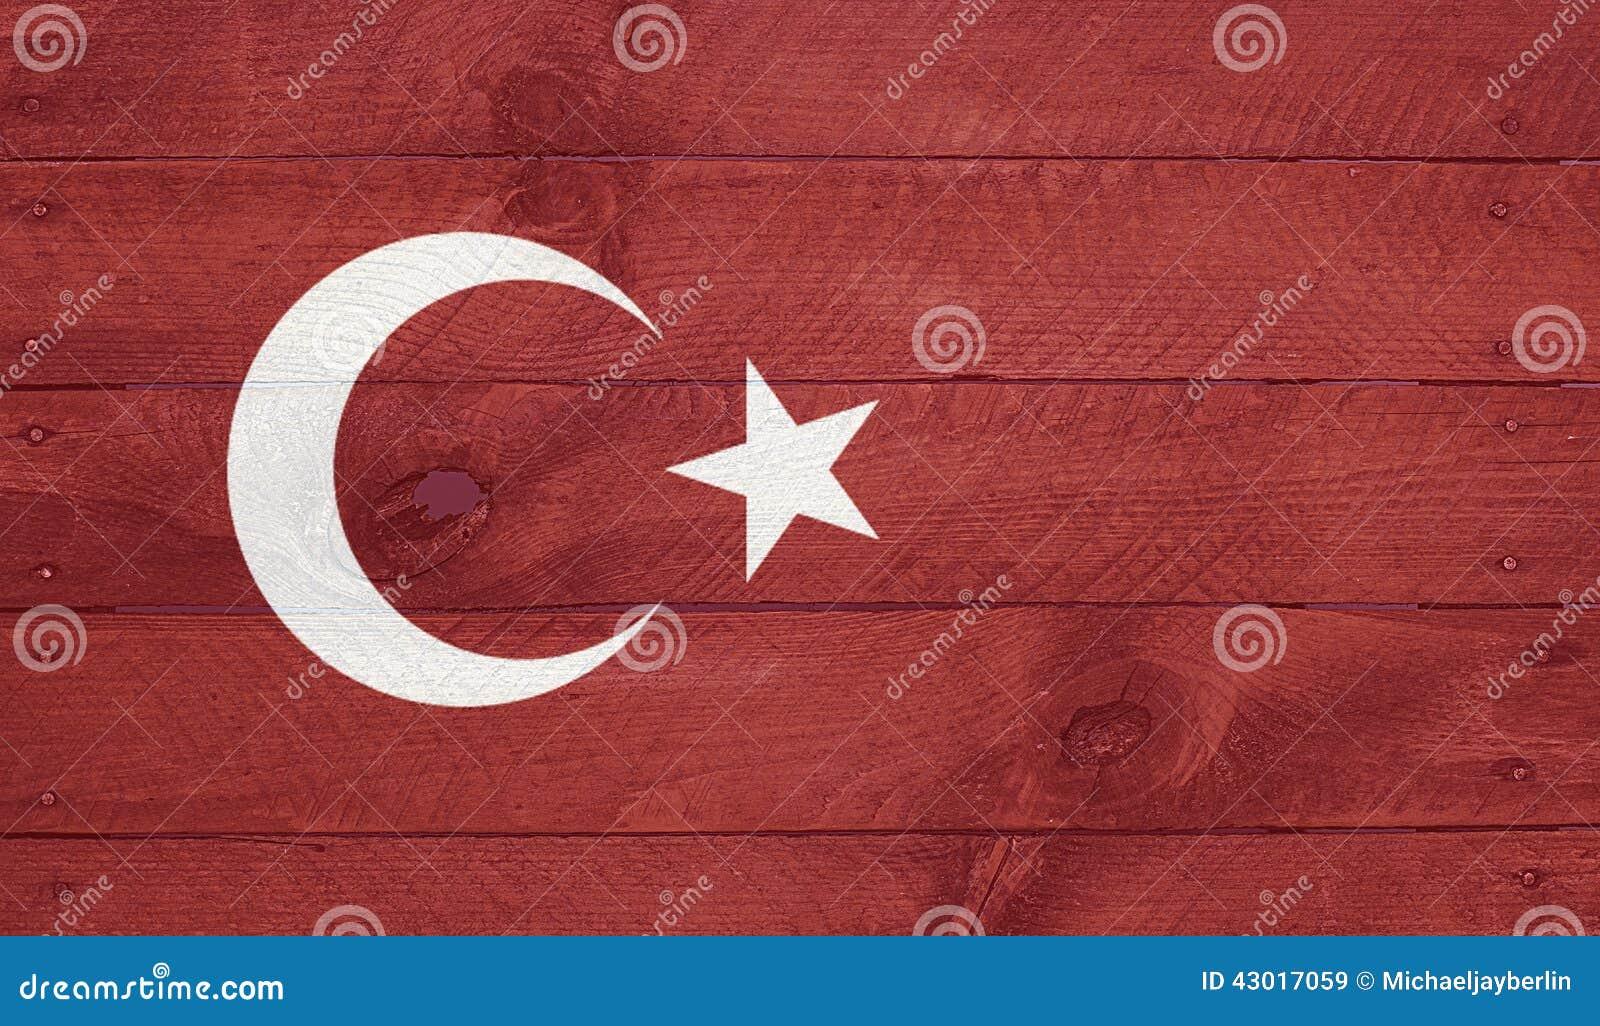 Turcja flaga na drewno deskach z gwoździami